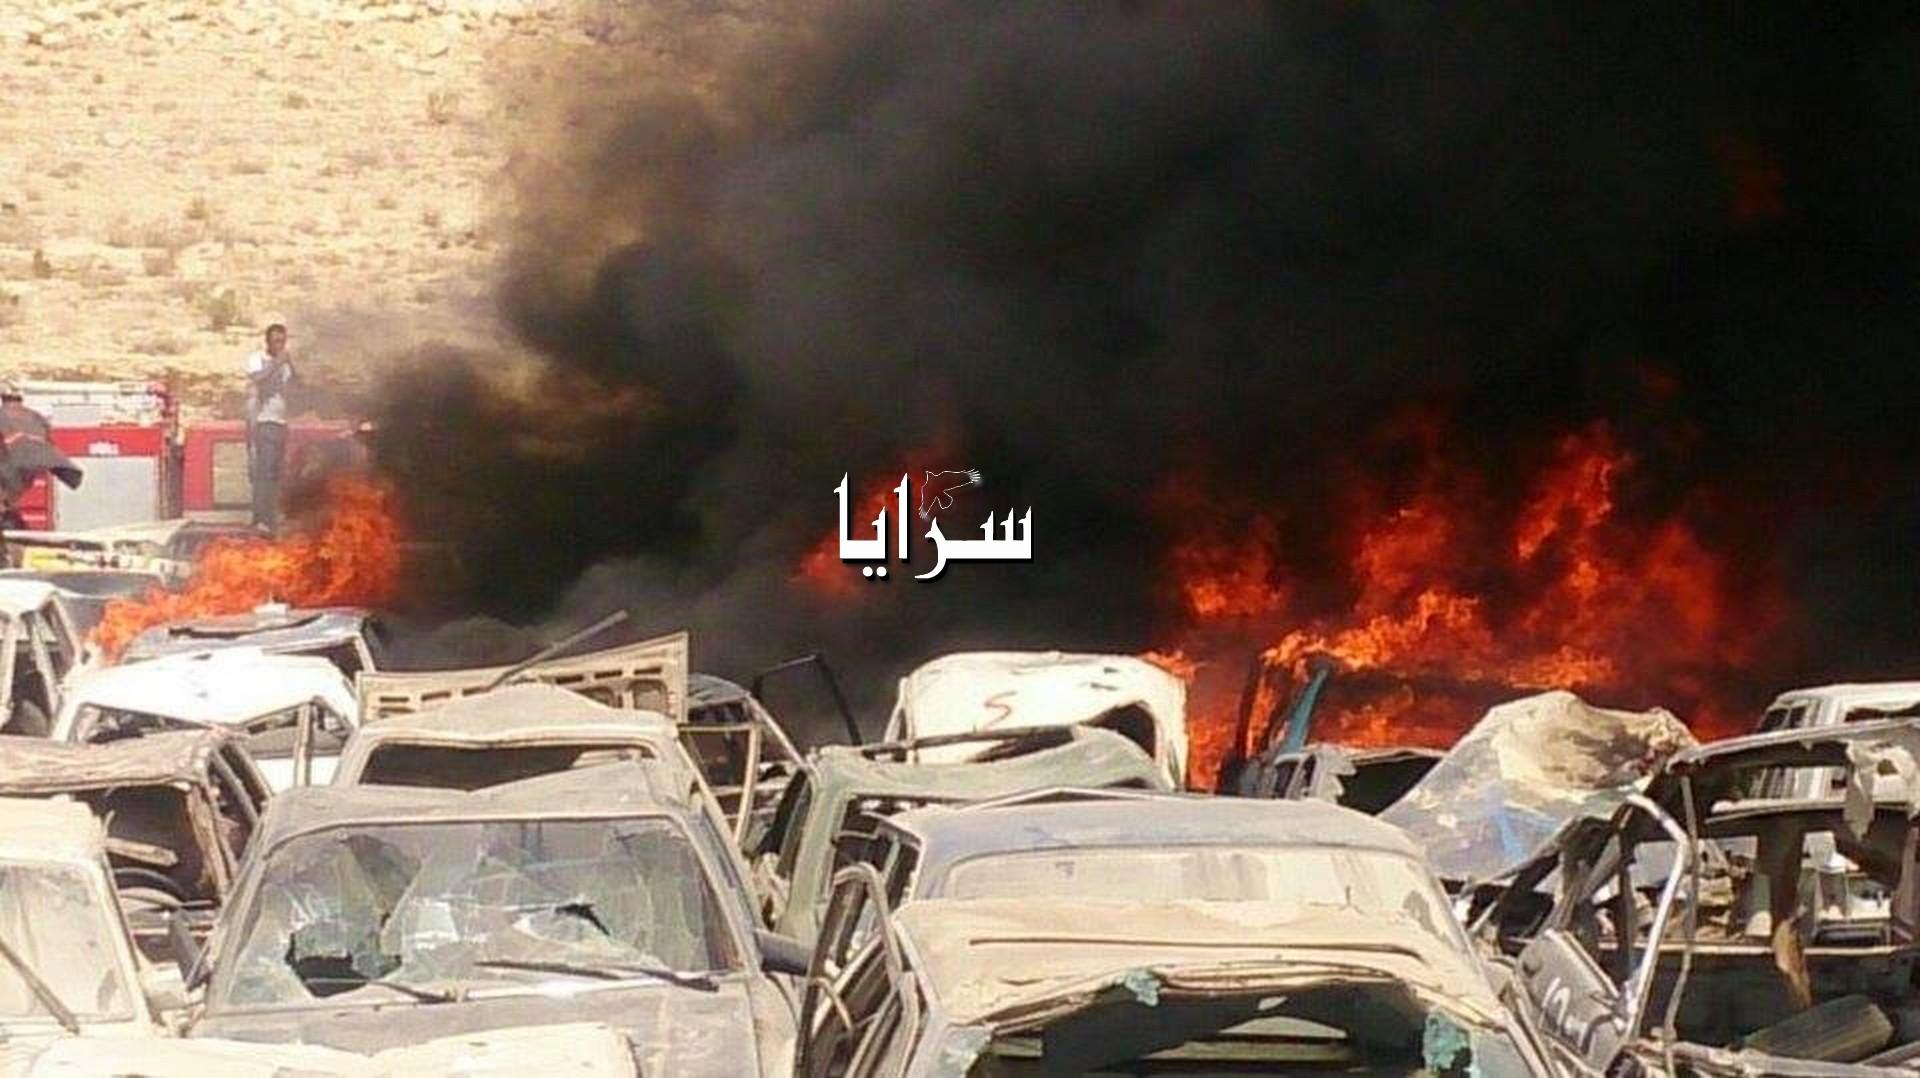 بالصور .. الزرقاء : حريق كبير يلتهم عددا من السيارات بالمنطقة الحرة